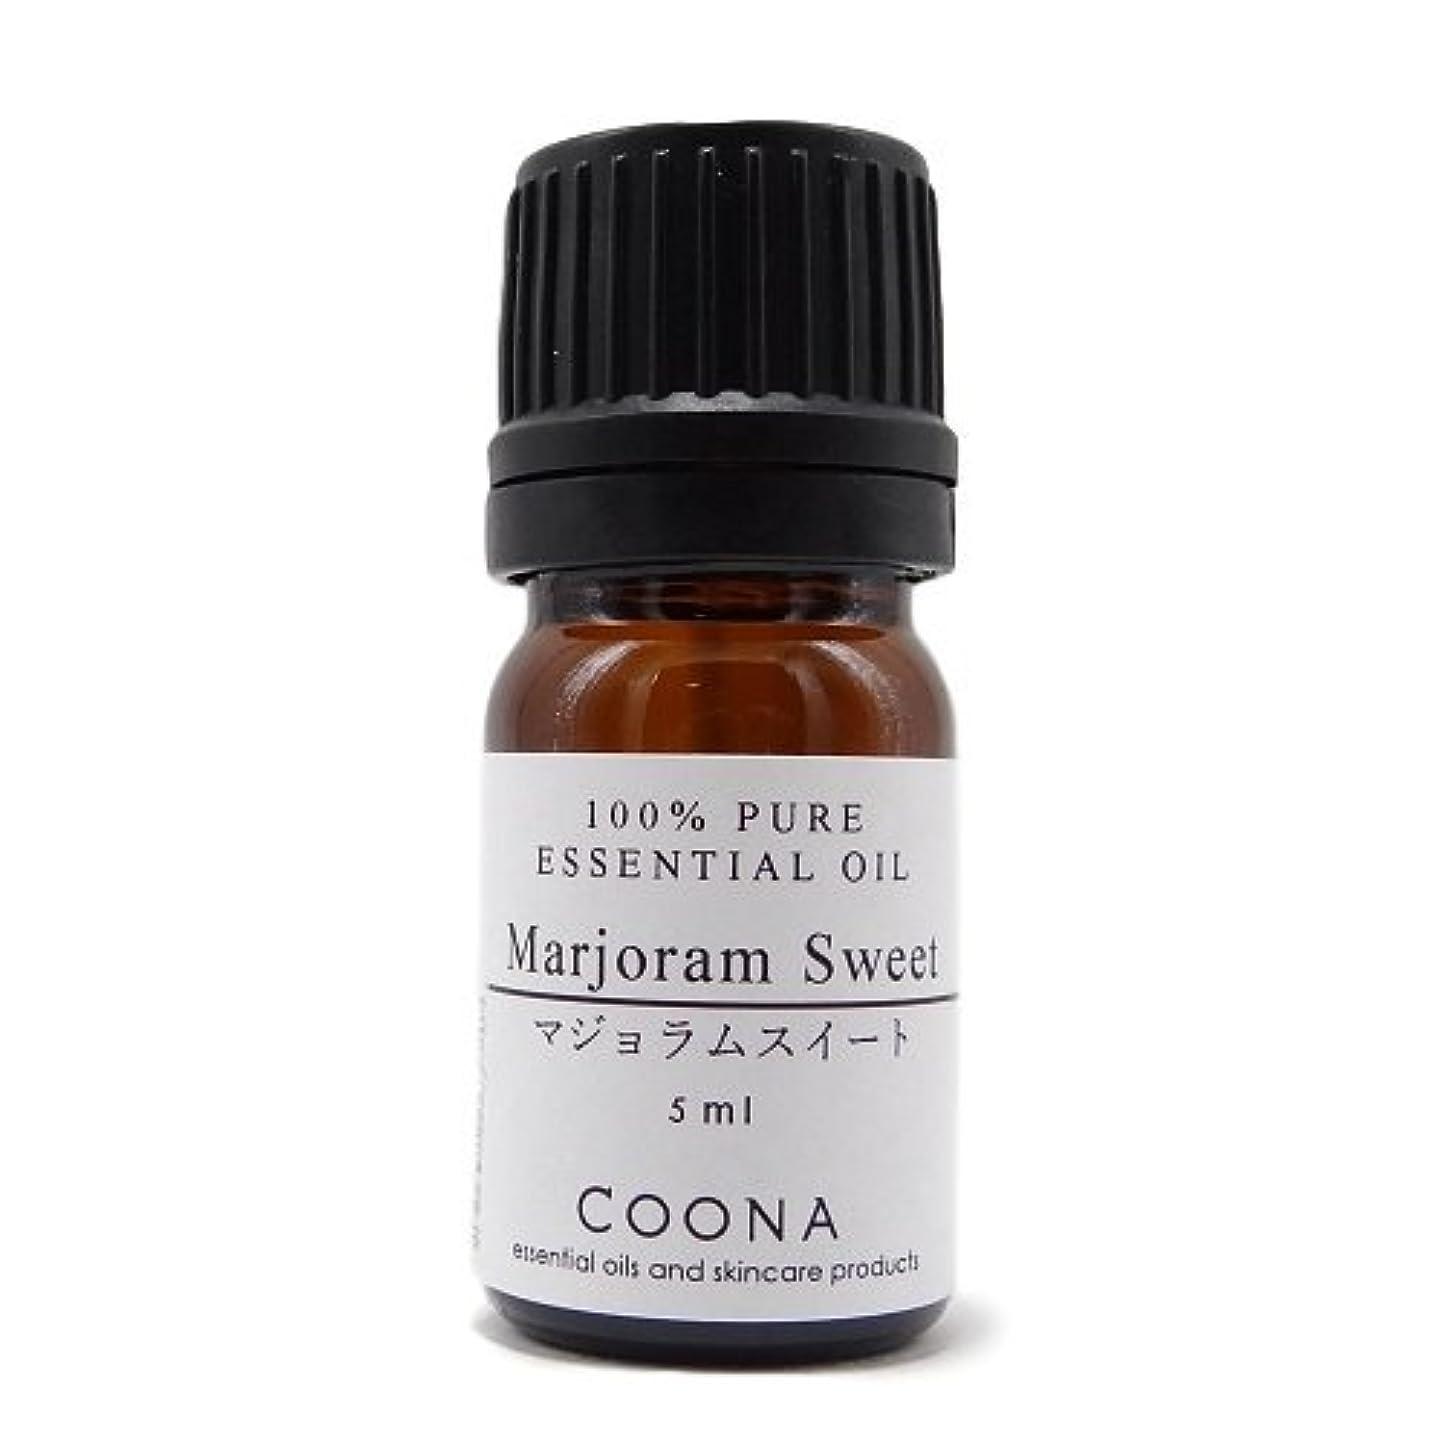 耳言語コントラストマジョラム スイート 5 ml (COONA エッセンシャルオイル アロマオイル 100%天然植物精油)